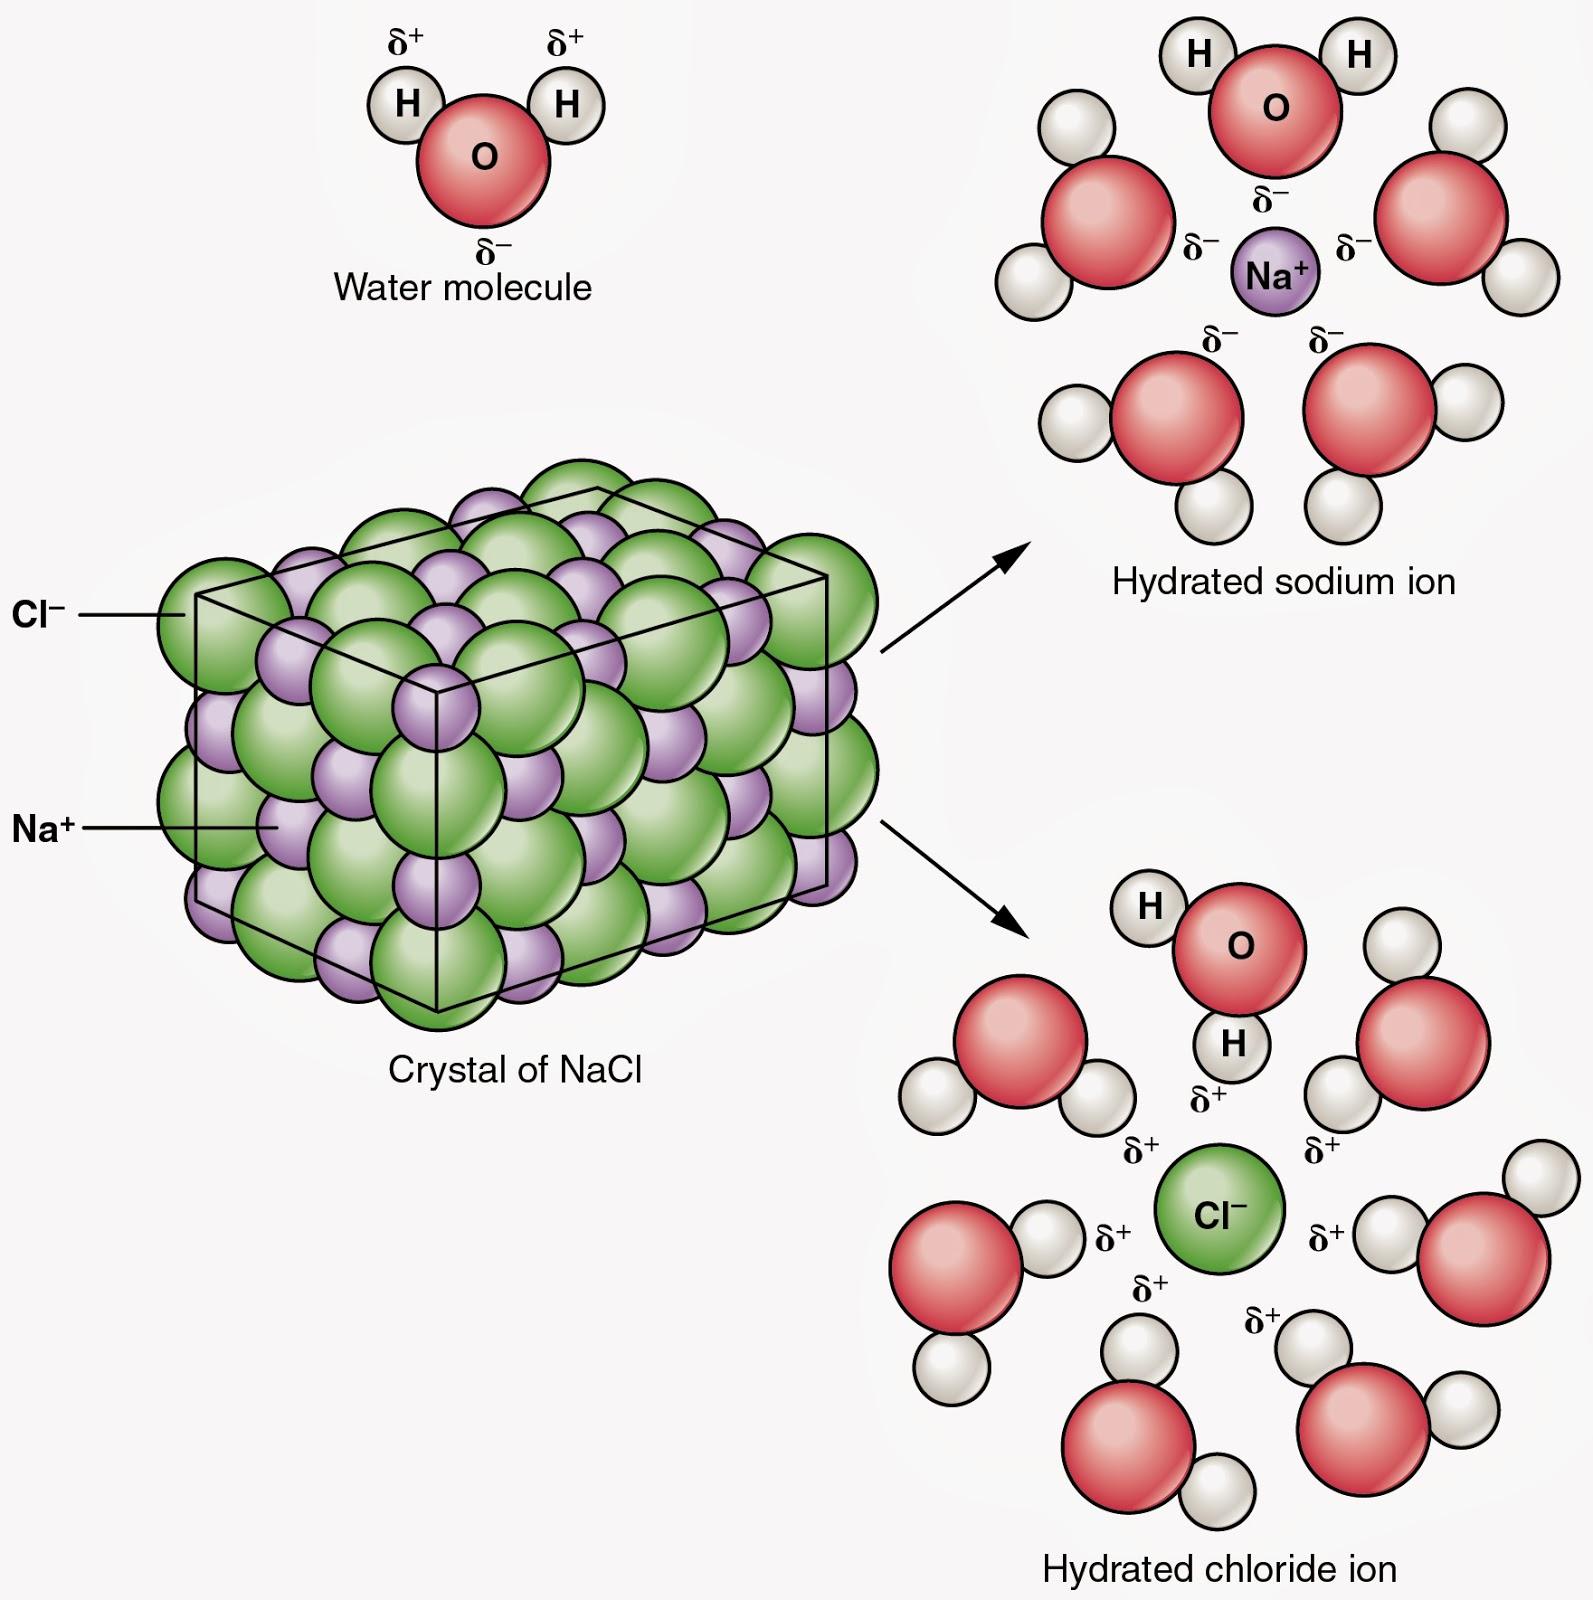 Salt Water Molecule Structure 52886 Trendnet Diagram Of Download